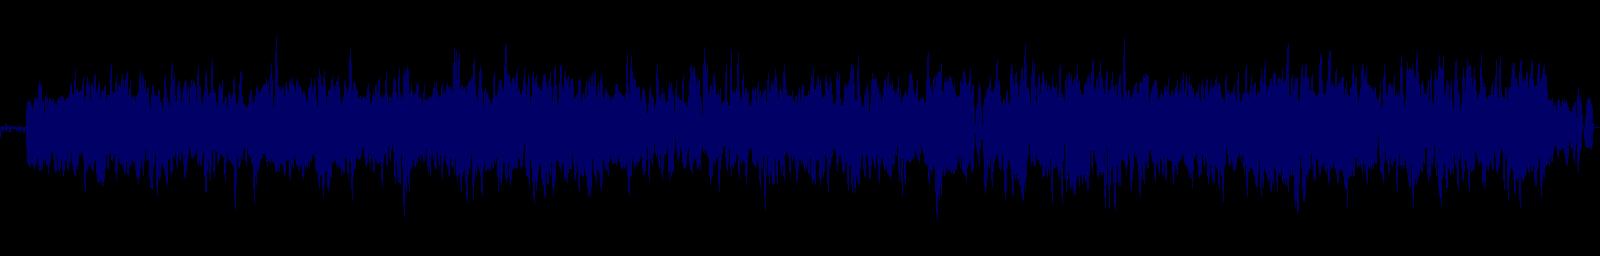 waveform of track #159071